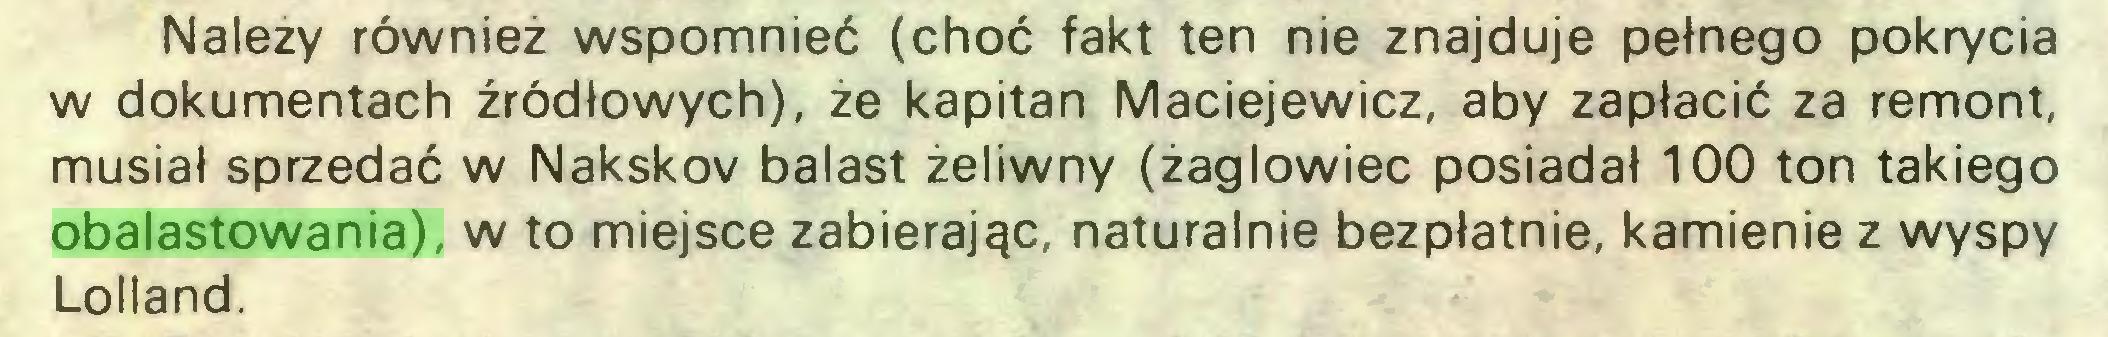 (...) Należy również wspomnieć (choć fakt ten nie znajduje pełnego pokrycia w dokumentach źródłowych), że kapitan Maciejewicz, aby zapłacić za remont, musiał sprzedać w Nakskov balast żeliwny (żaglowiec posiadał 100 ton takiego obalastowania), w to miejsce zabierając, naturalnie bezpłatnie, kamienie z wyspy Lolland...